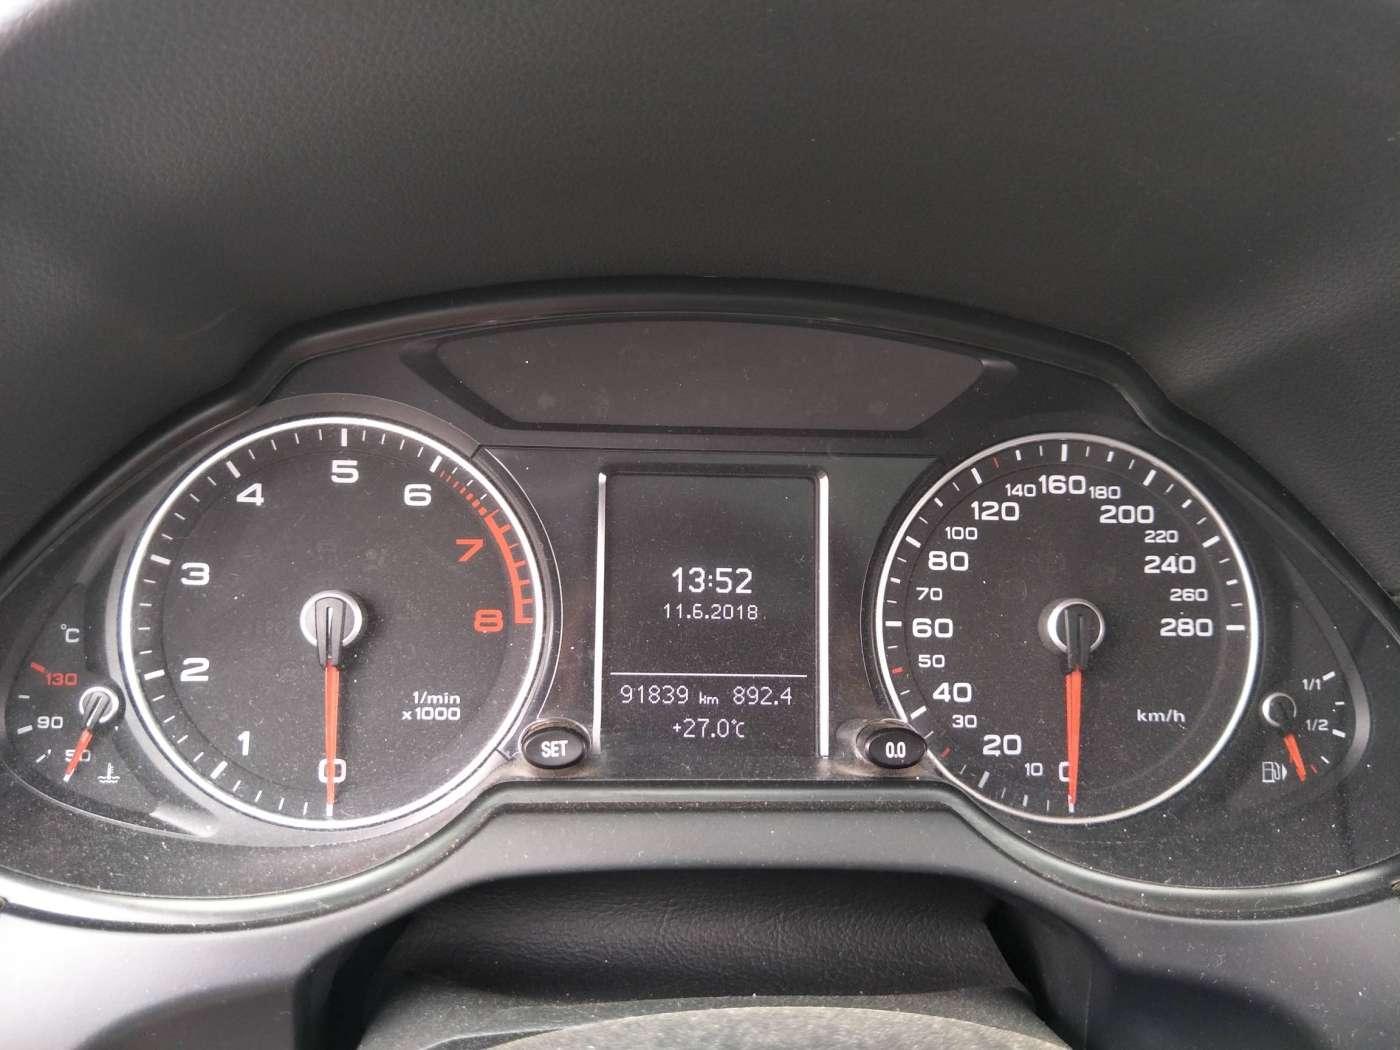 2013年05月 奥迪Q5 2013款 40 TFSI 技术型 甄选奥迪-北京卡斯基汽车服务有限公司